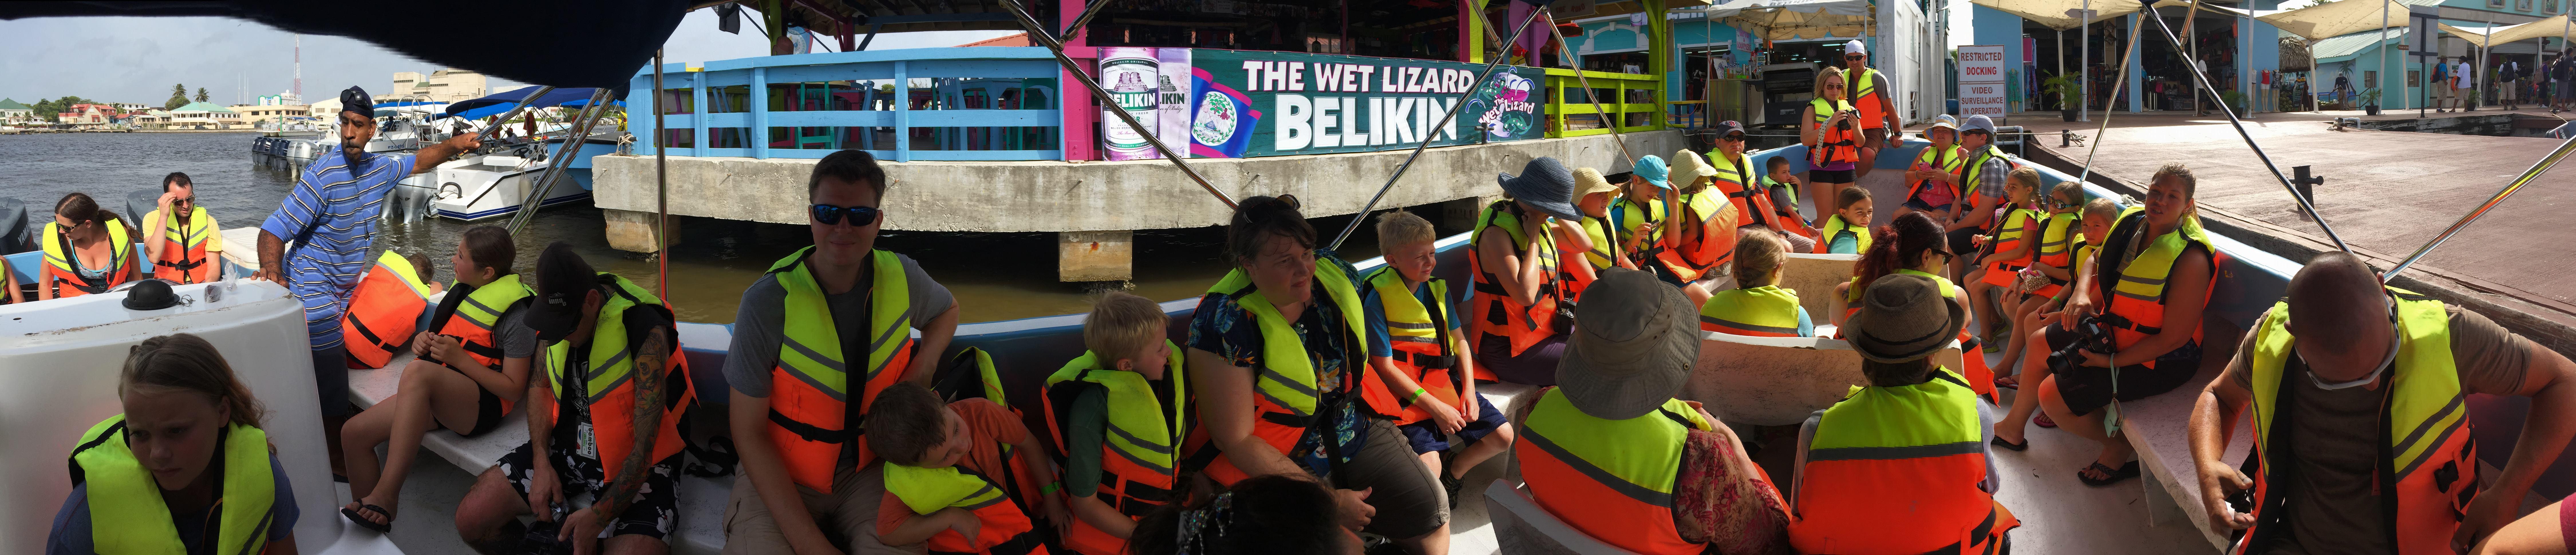 Belize boat tour